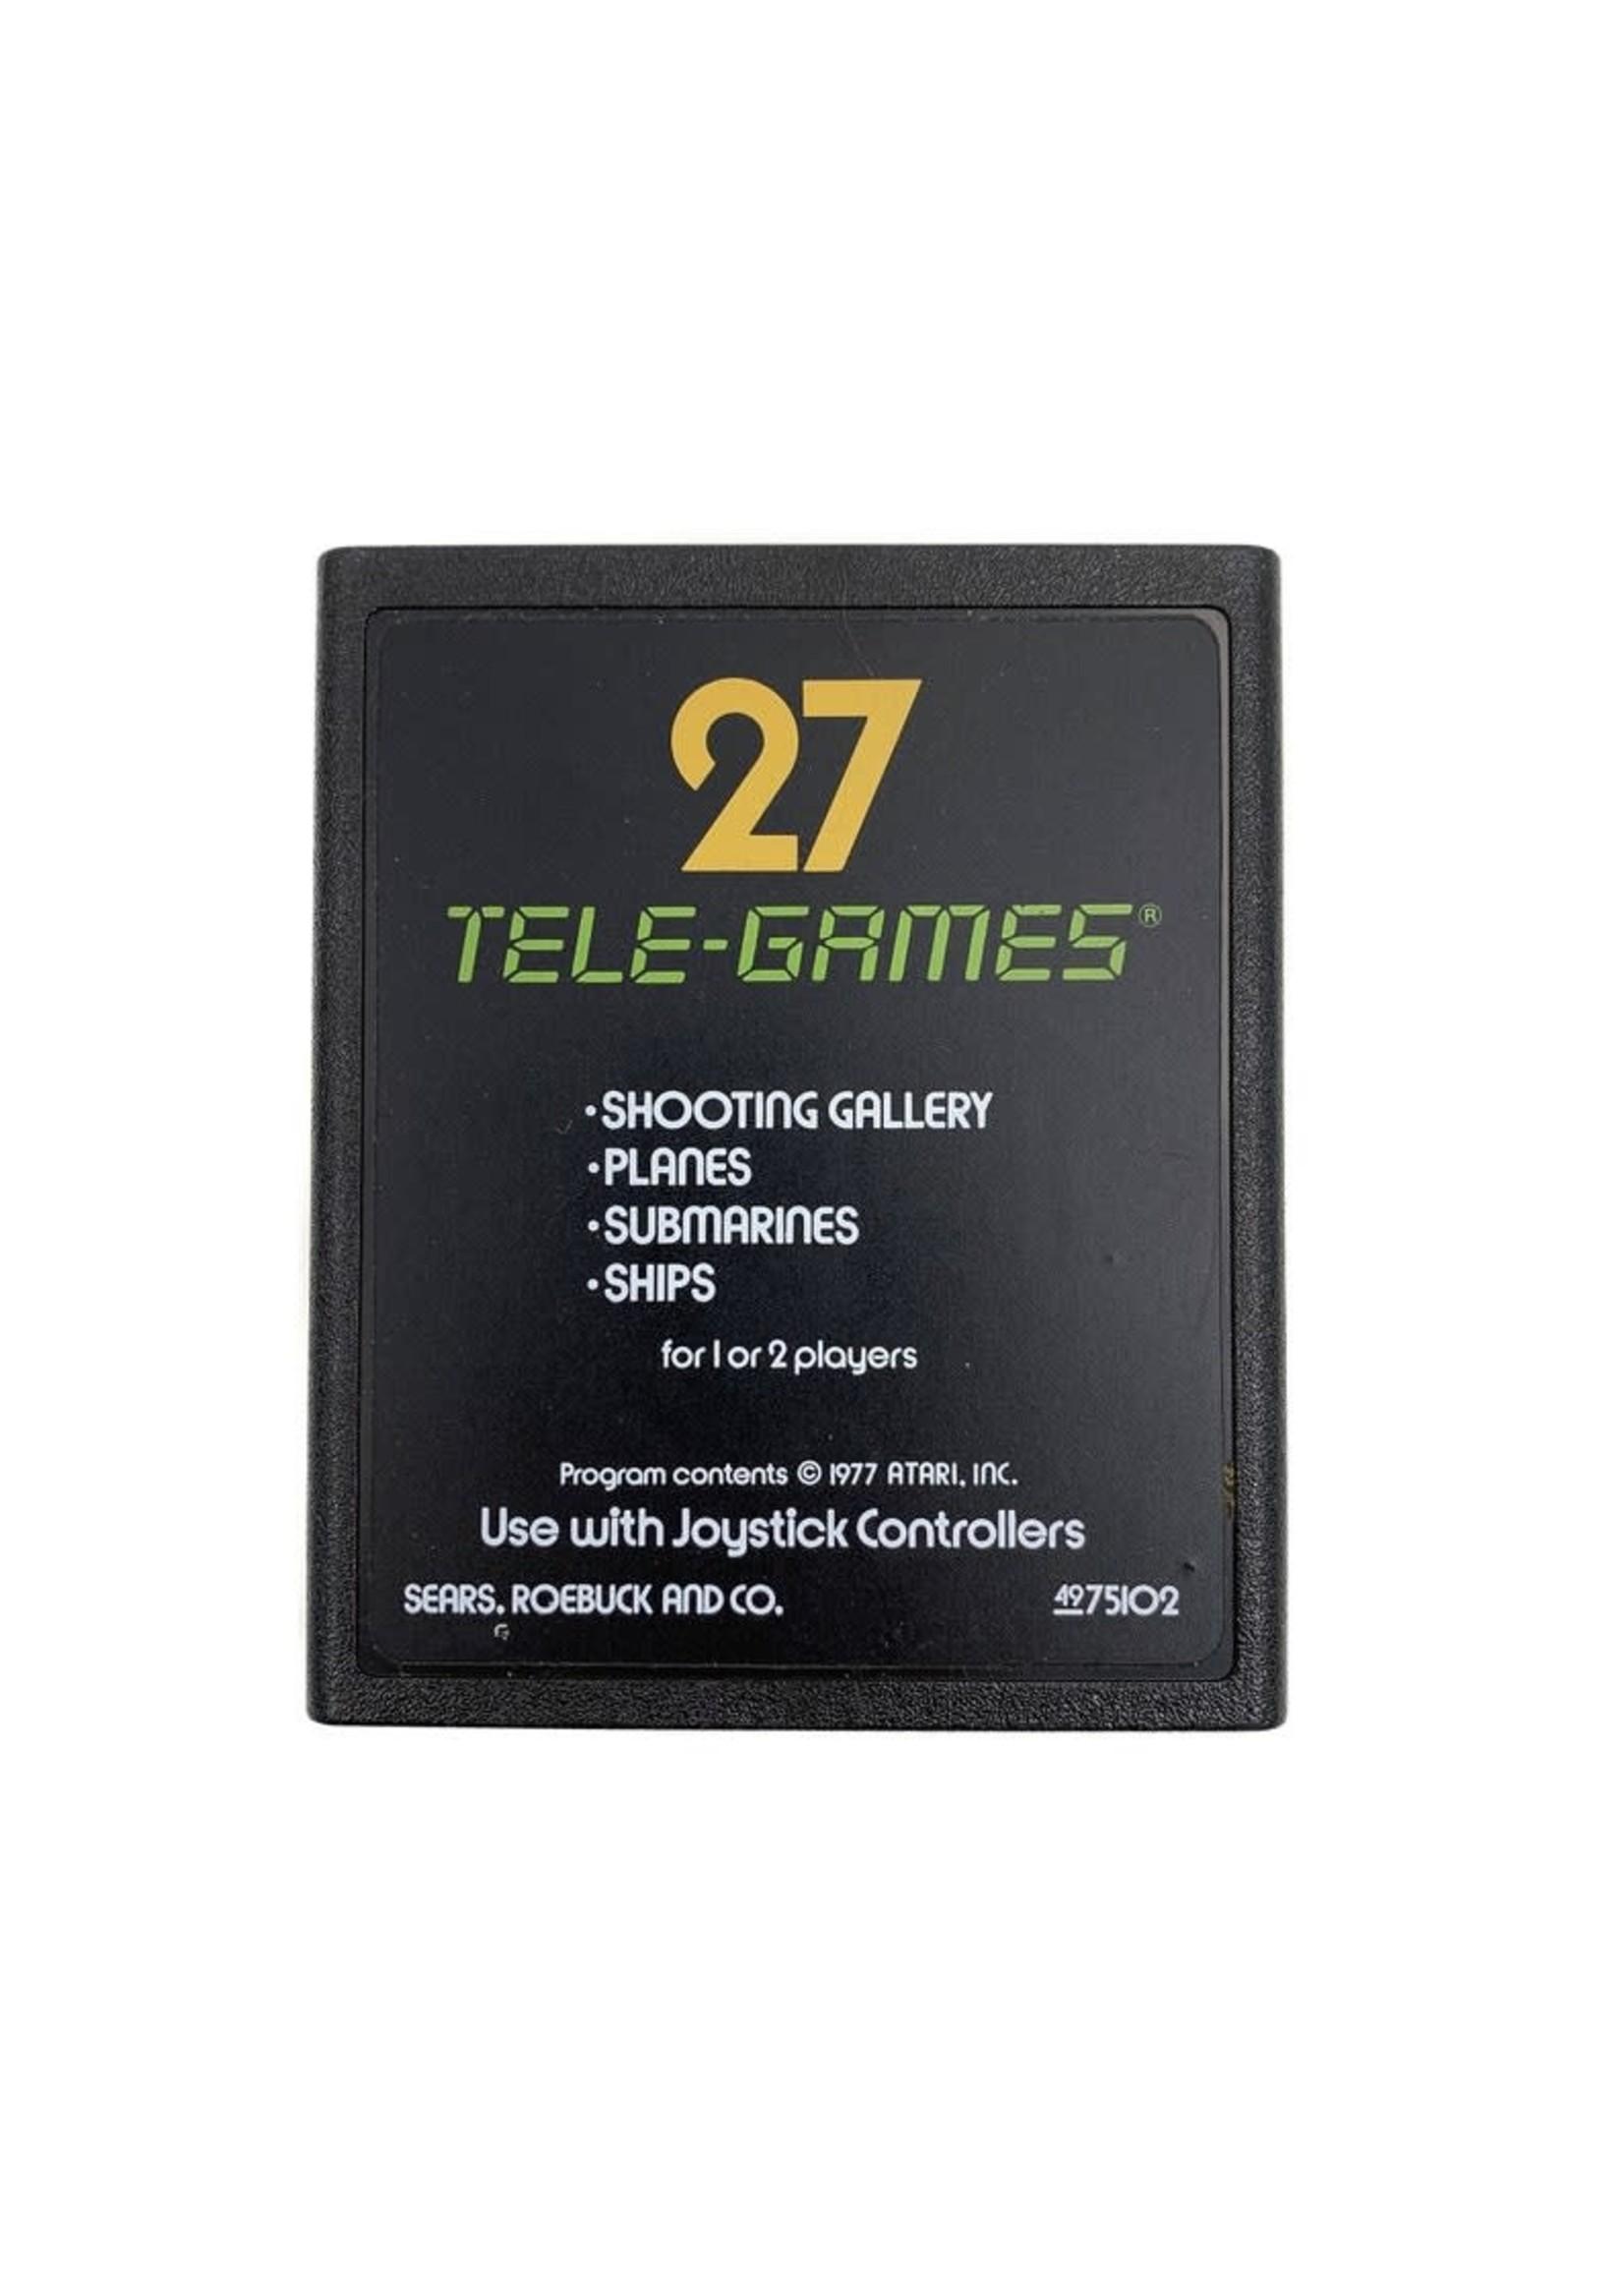 27 Tele-Games